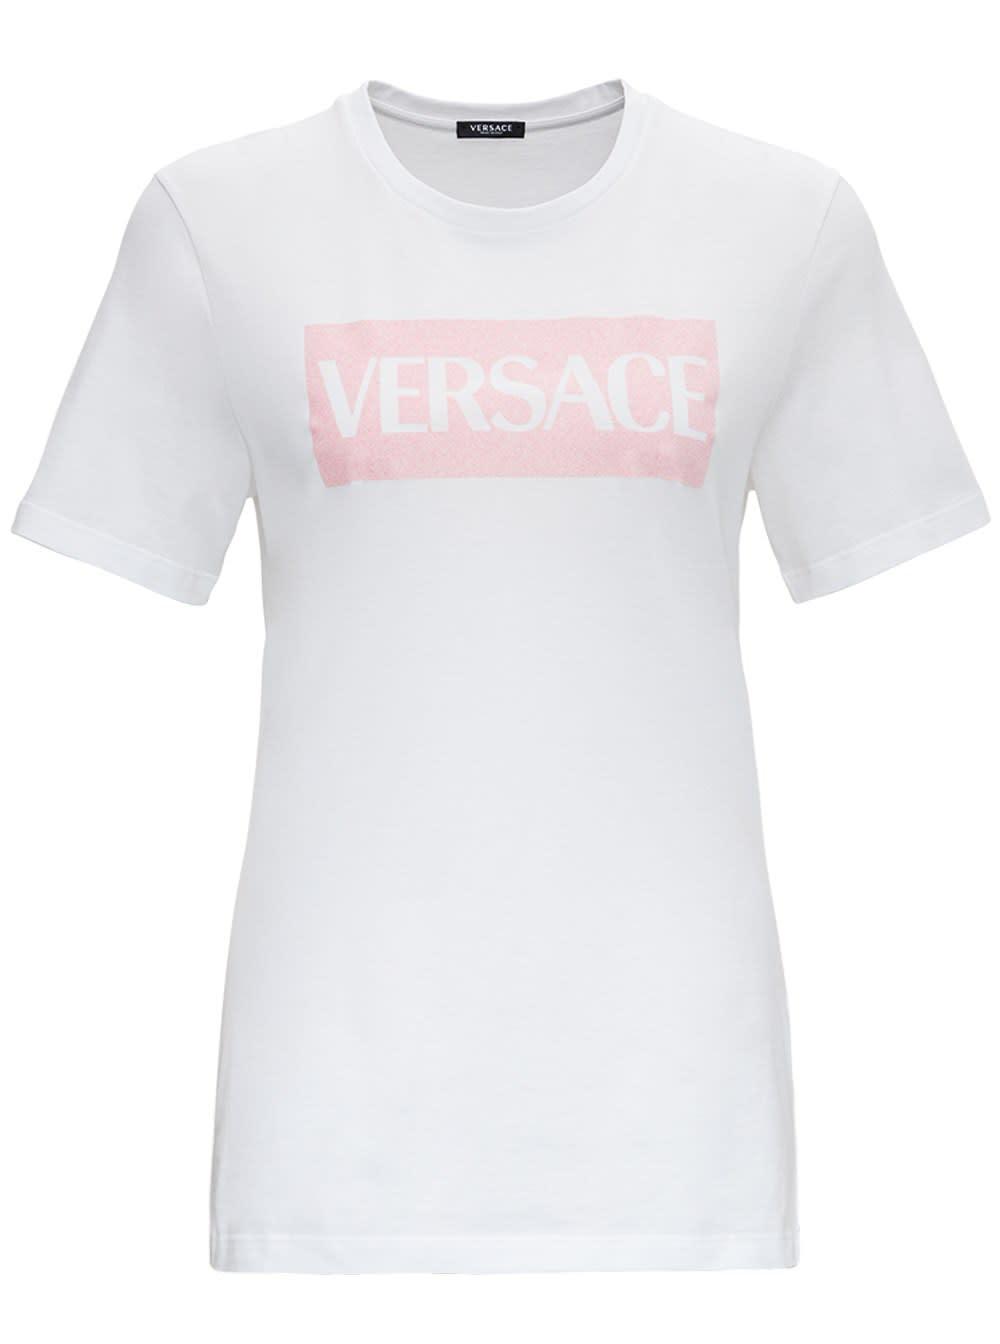 Versace SHORT SLEEVES FRONT PRINTED TEE